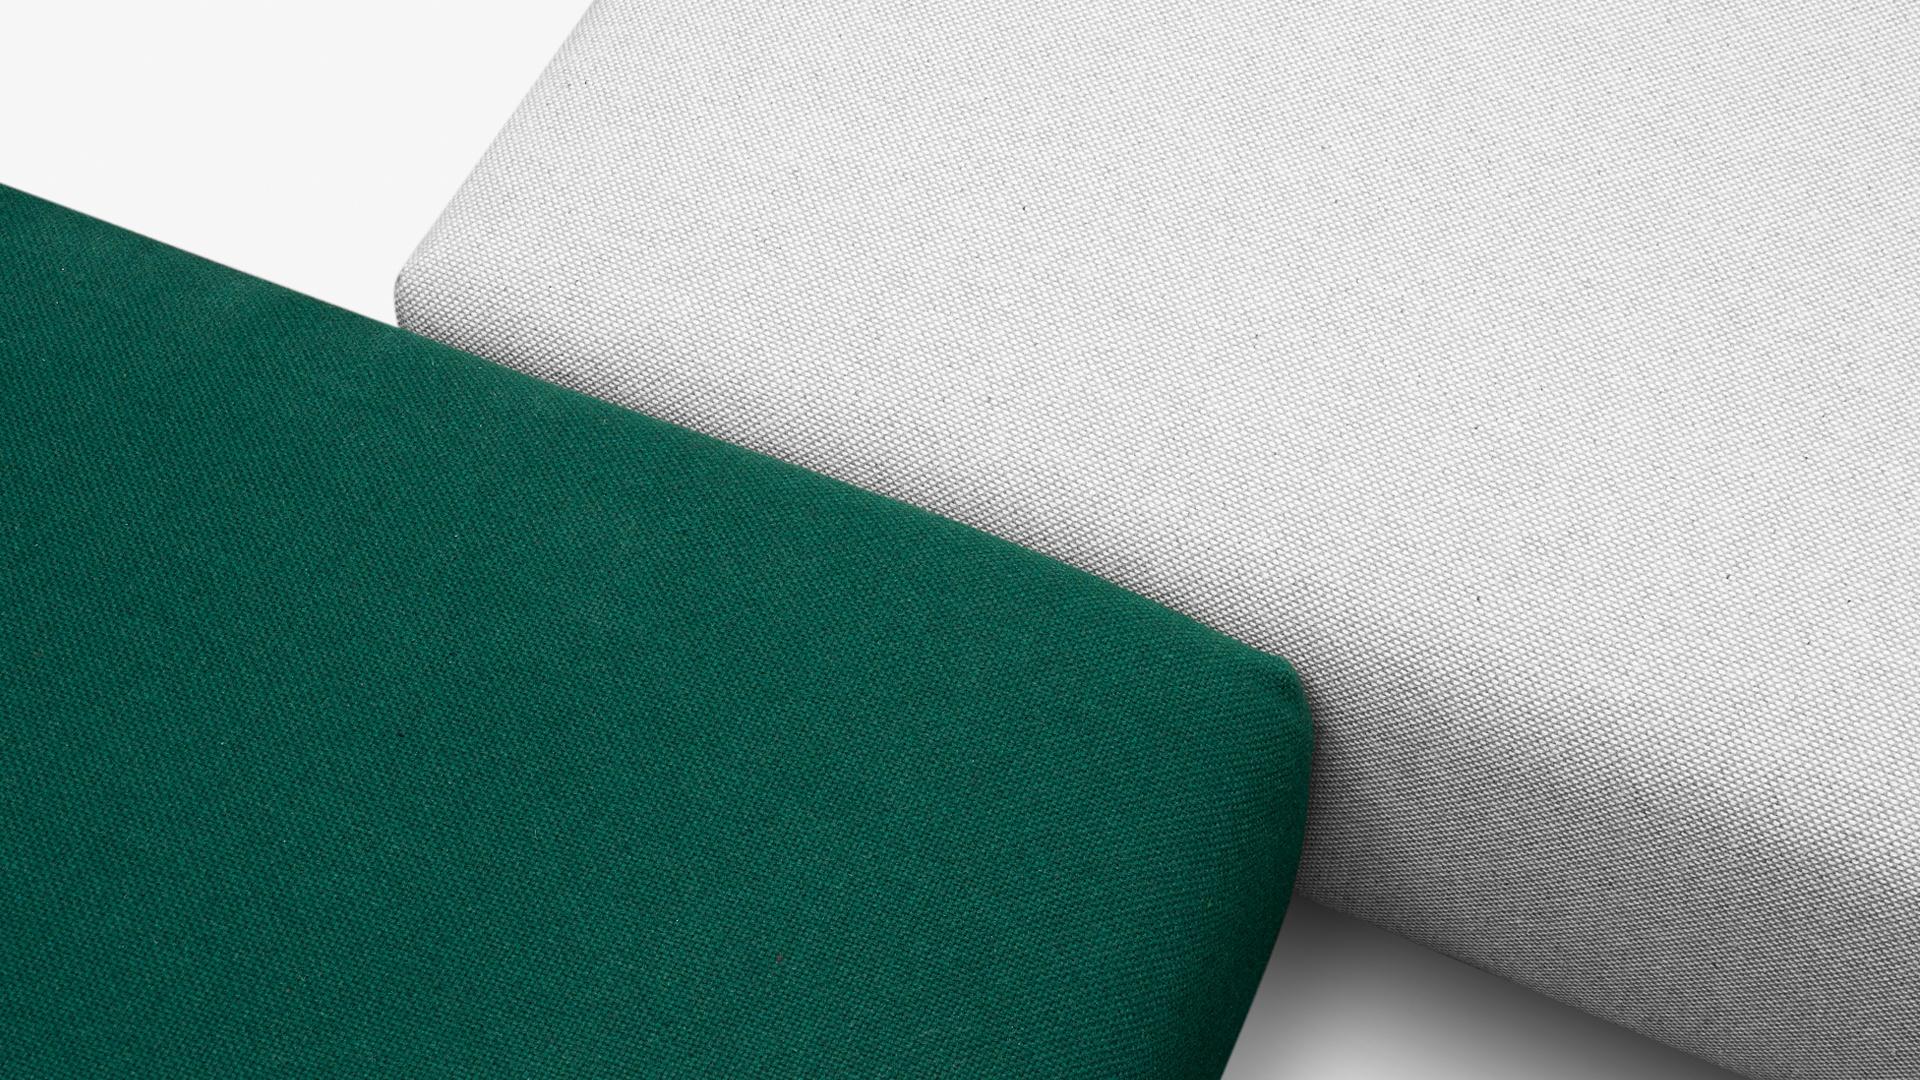 双色线混纺编织,细密质感立体视效